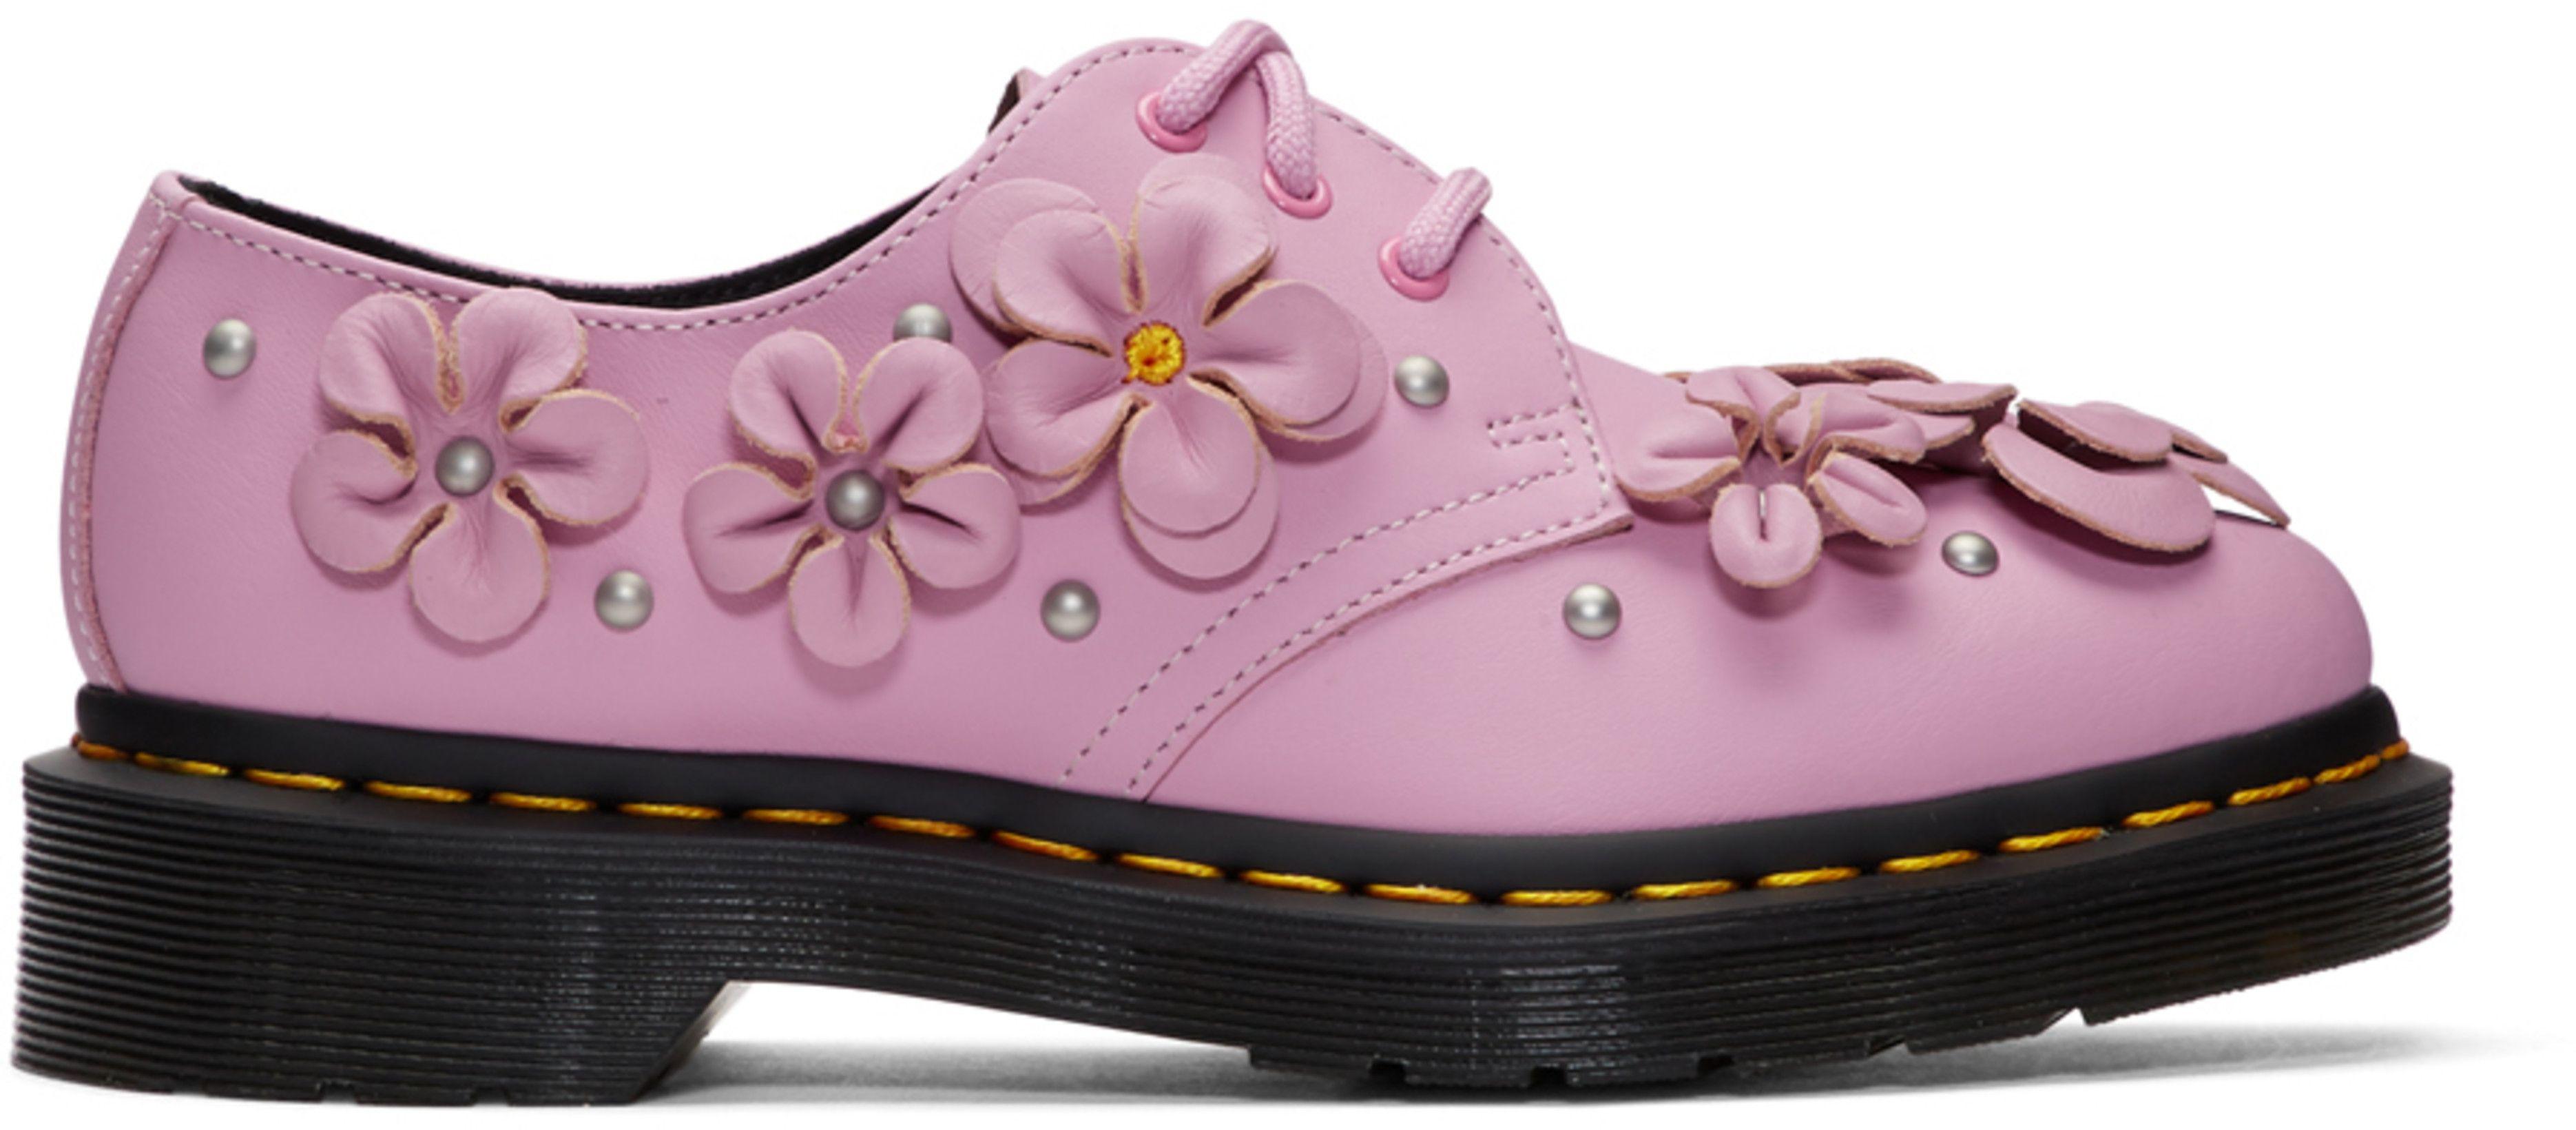 Pink 1461 Flower Derbys